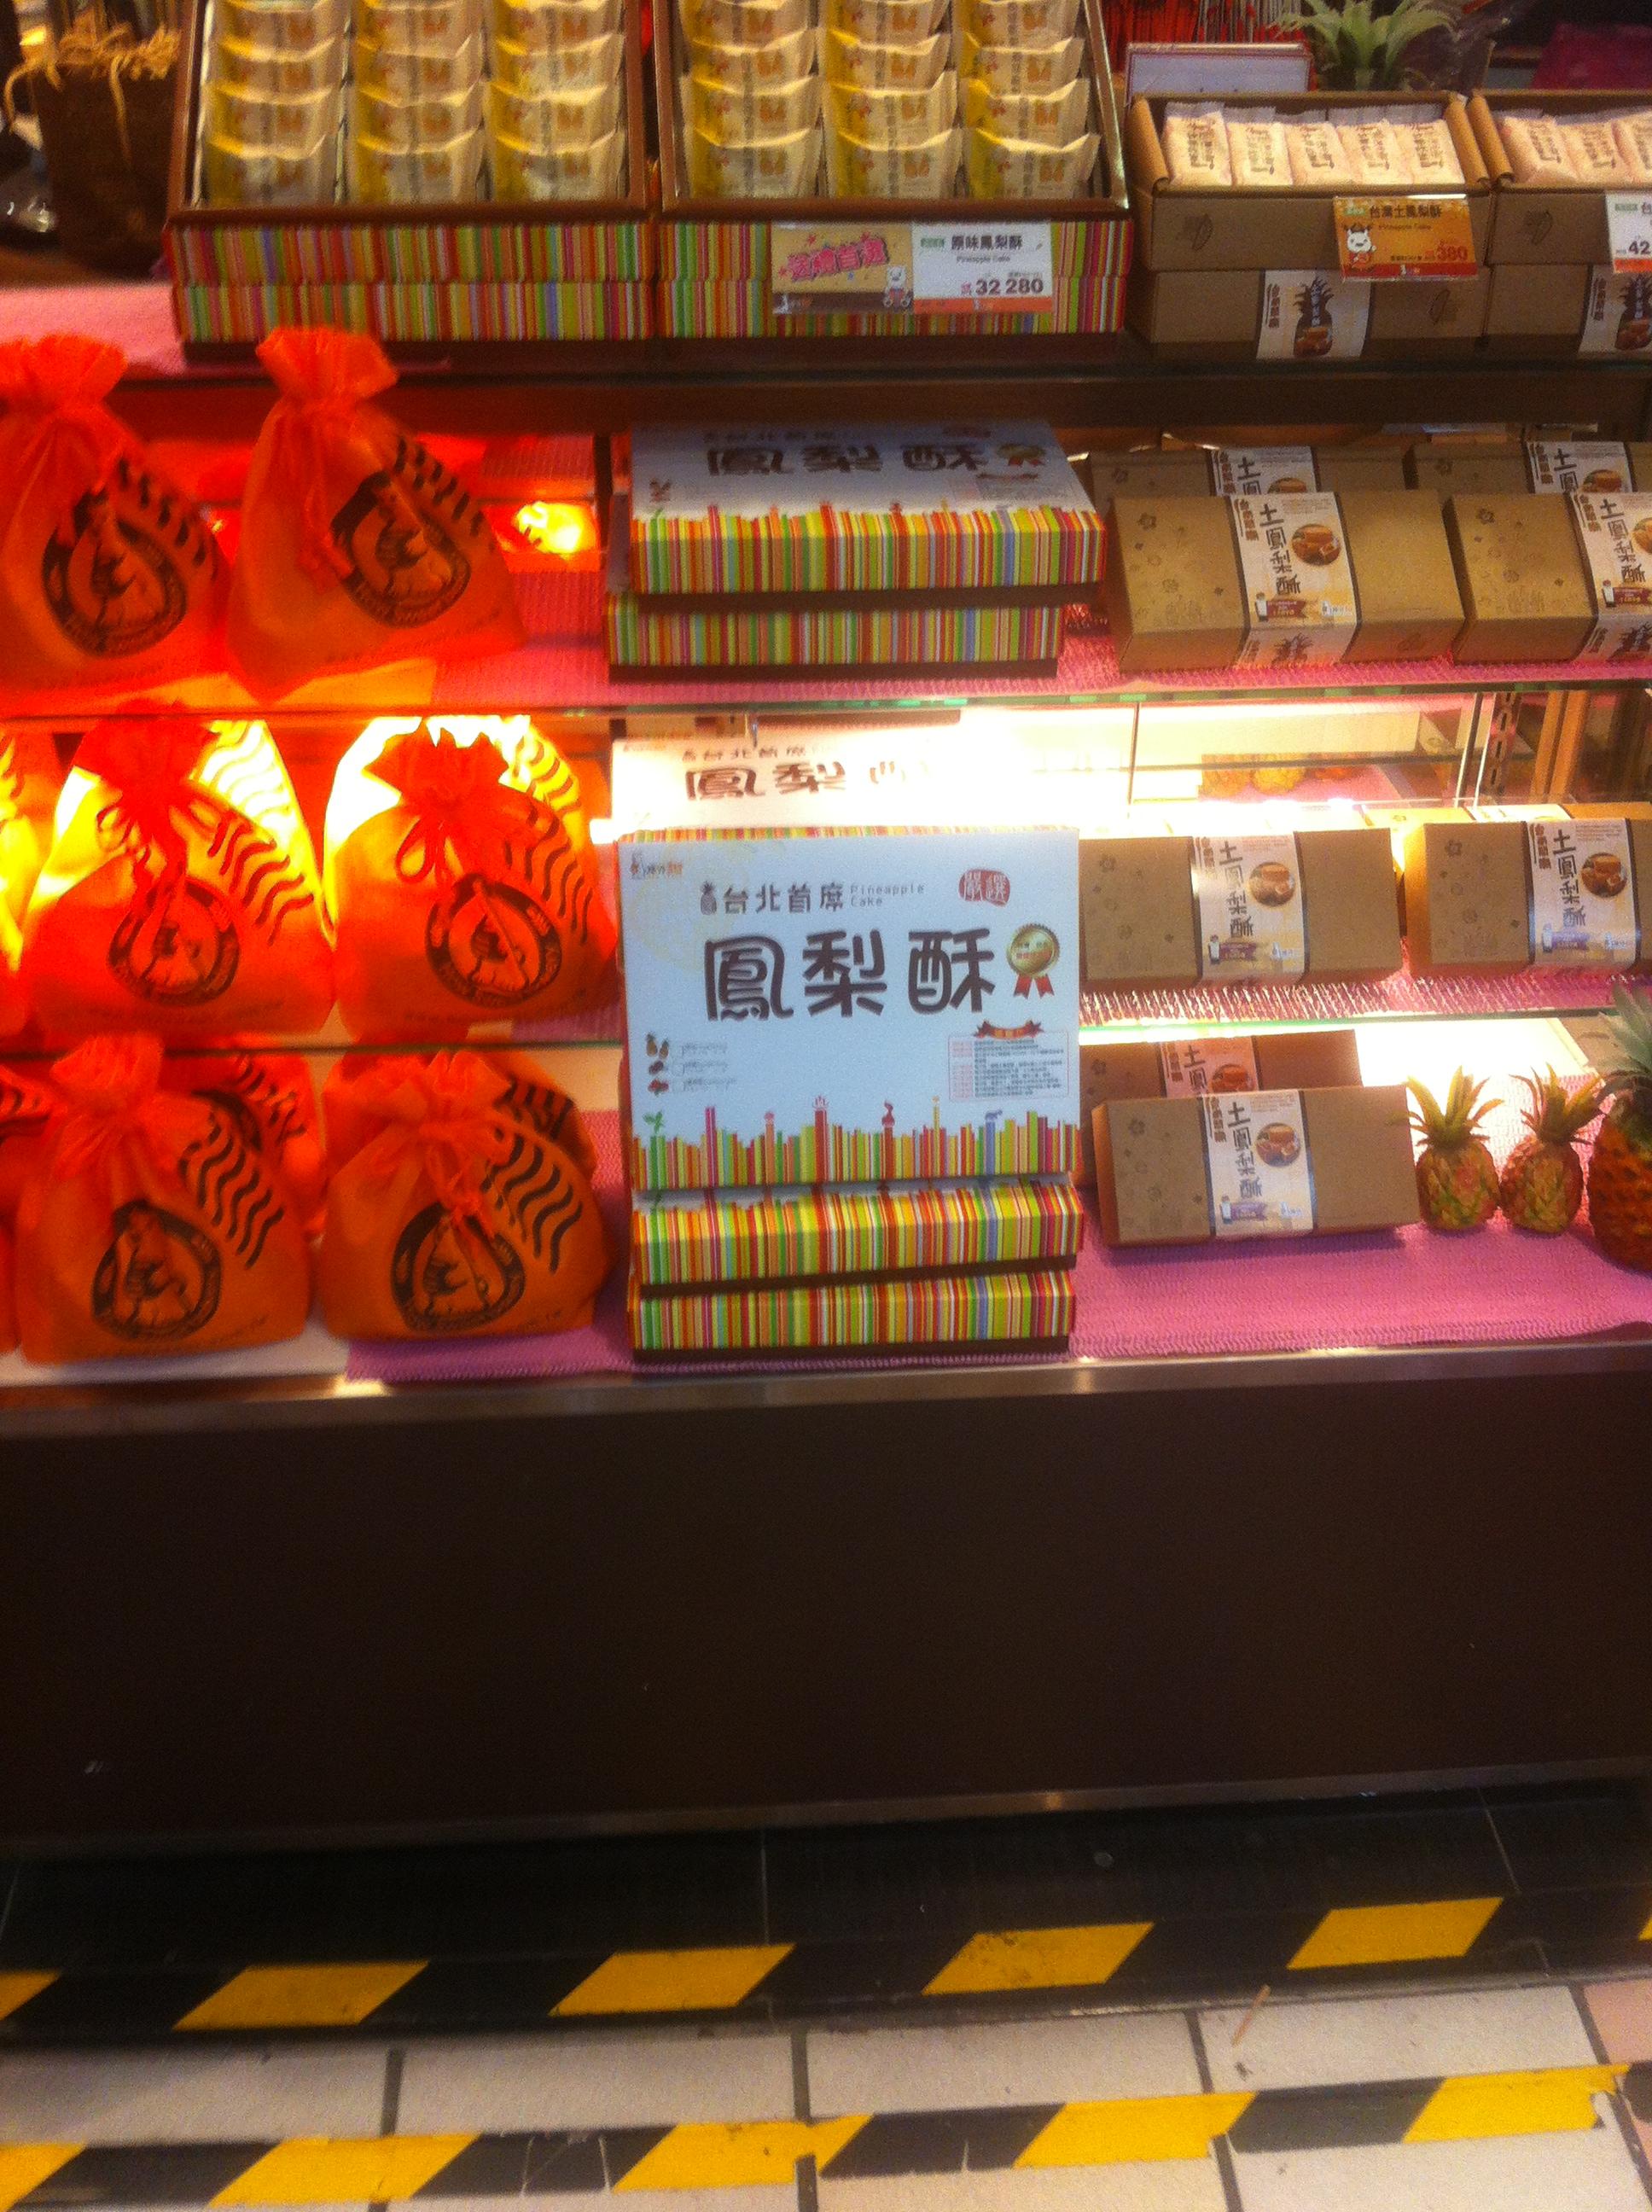 【お土産】台湾名物「パイナップルケーキ」の人気ブランド